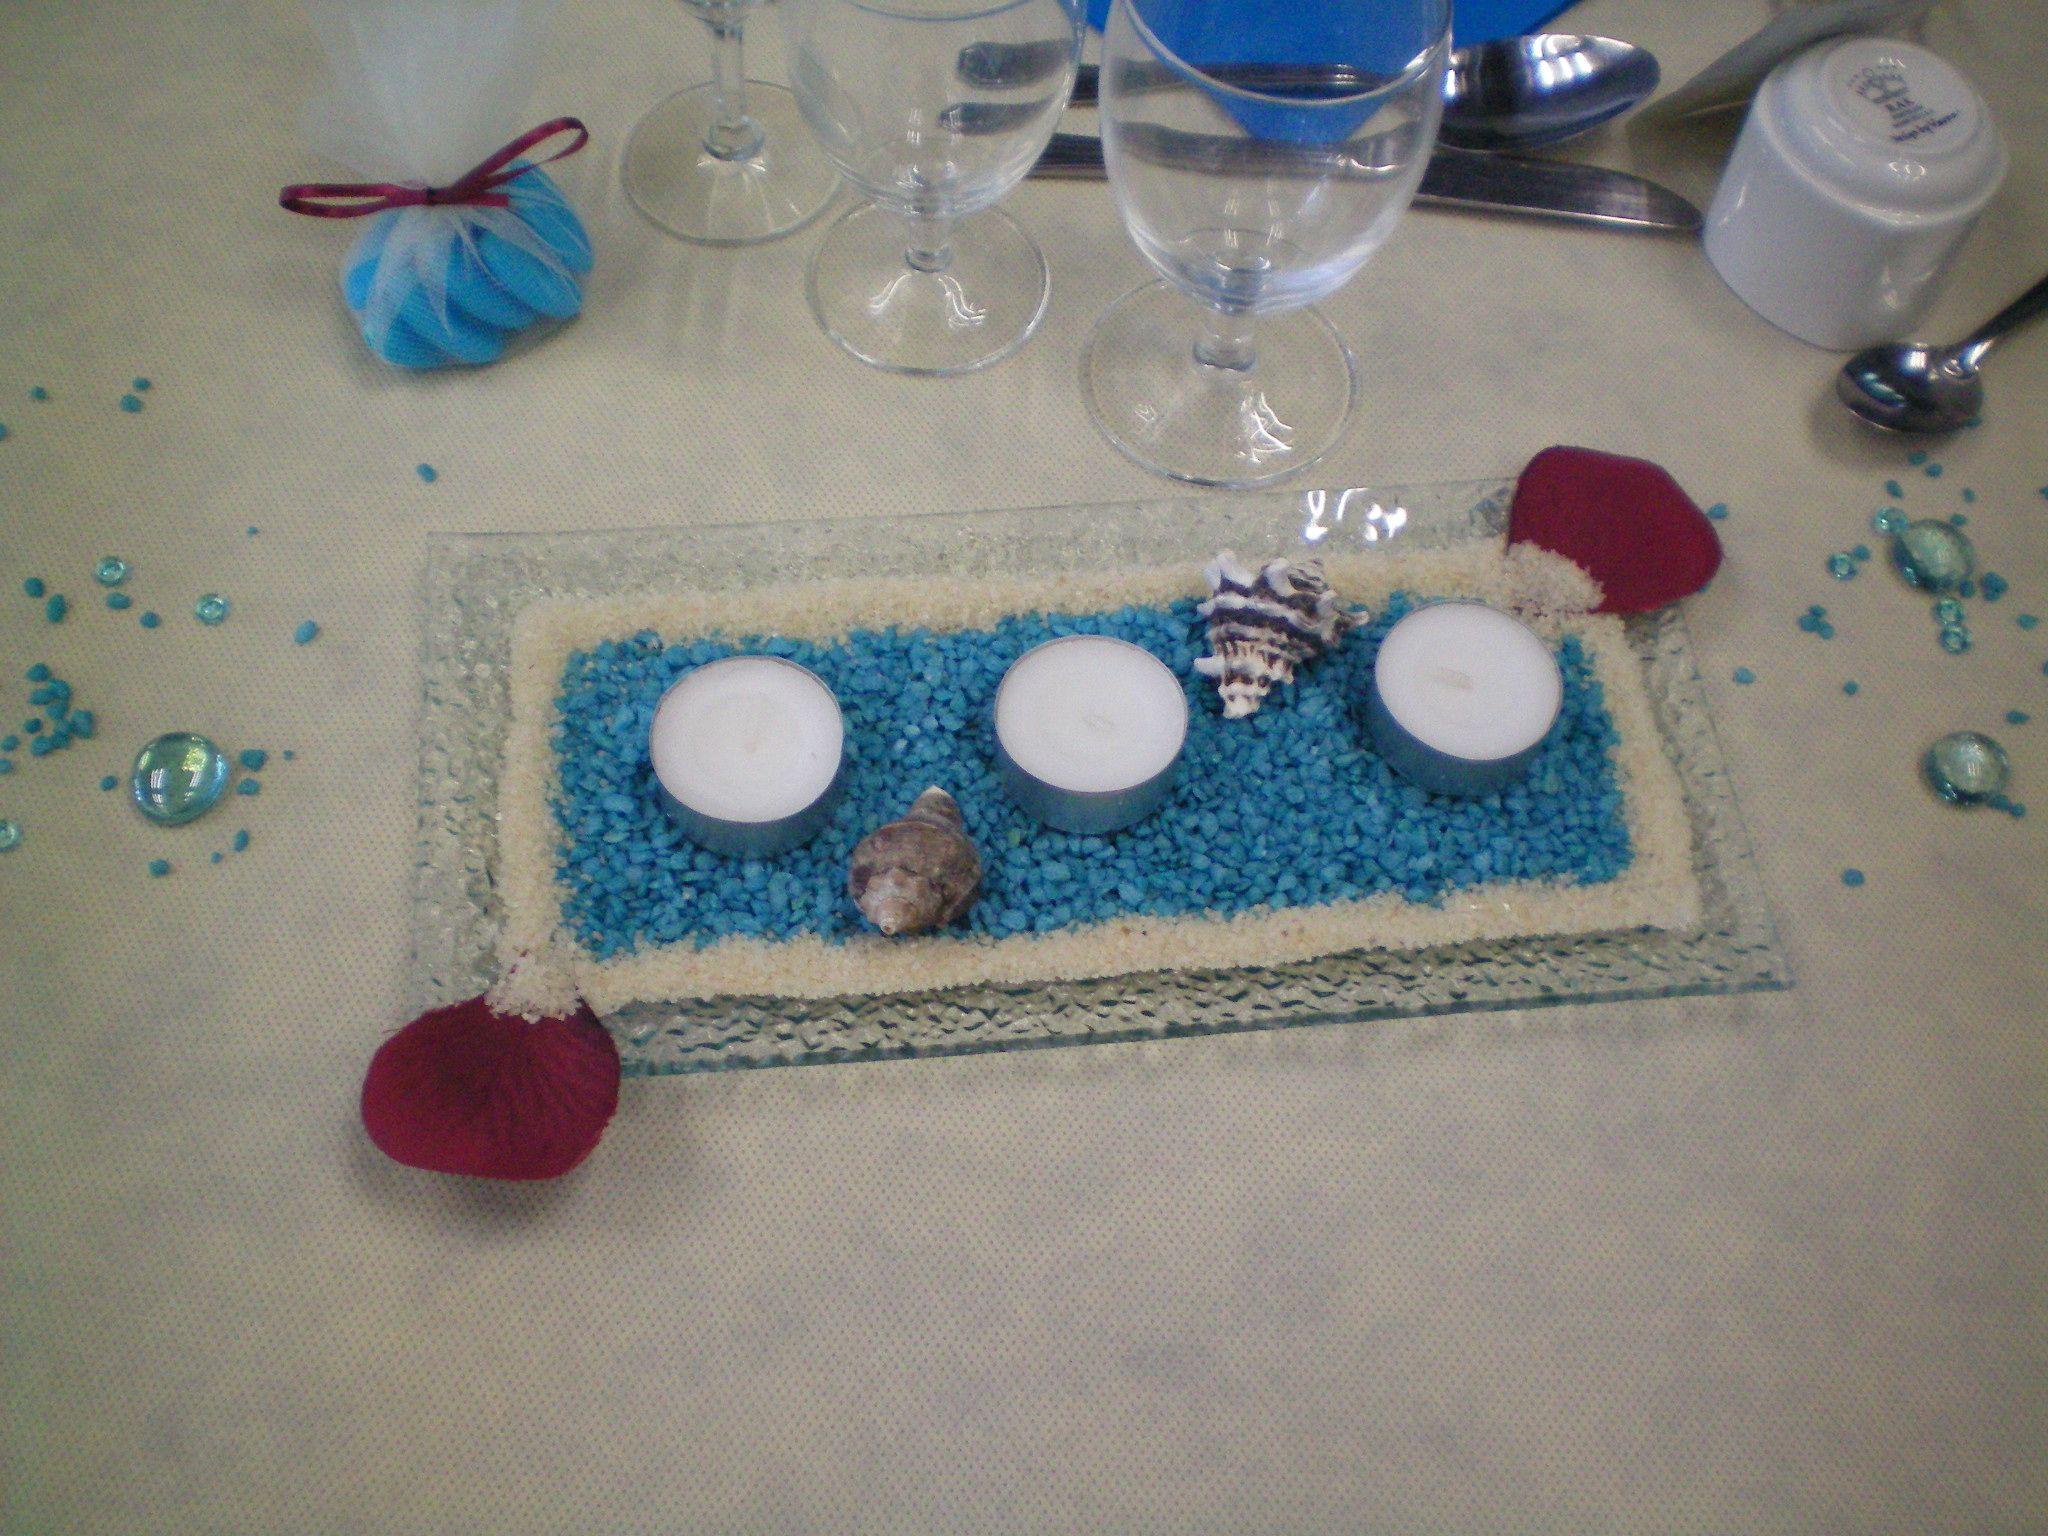 centre de table 2 me mod le mariage th me mer et poissons d coration de mariage pinterest. Black Bedroom Furniture Sets. Home Design Ideas